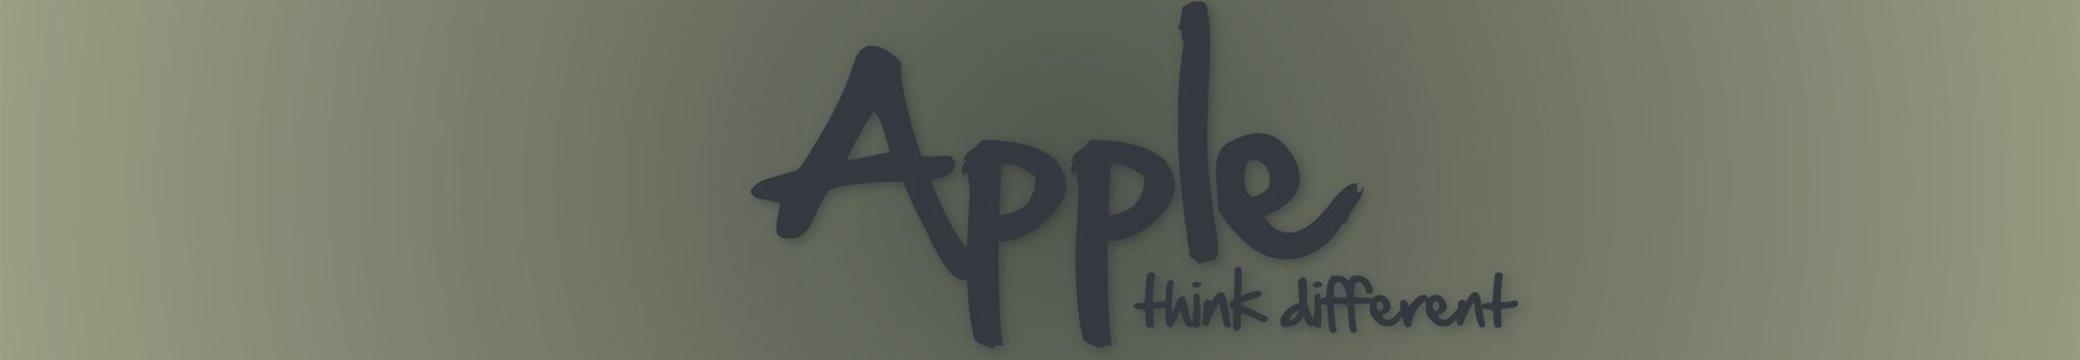 GT苹果达成和解将退出蓝宝石材料生产